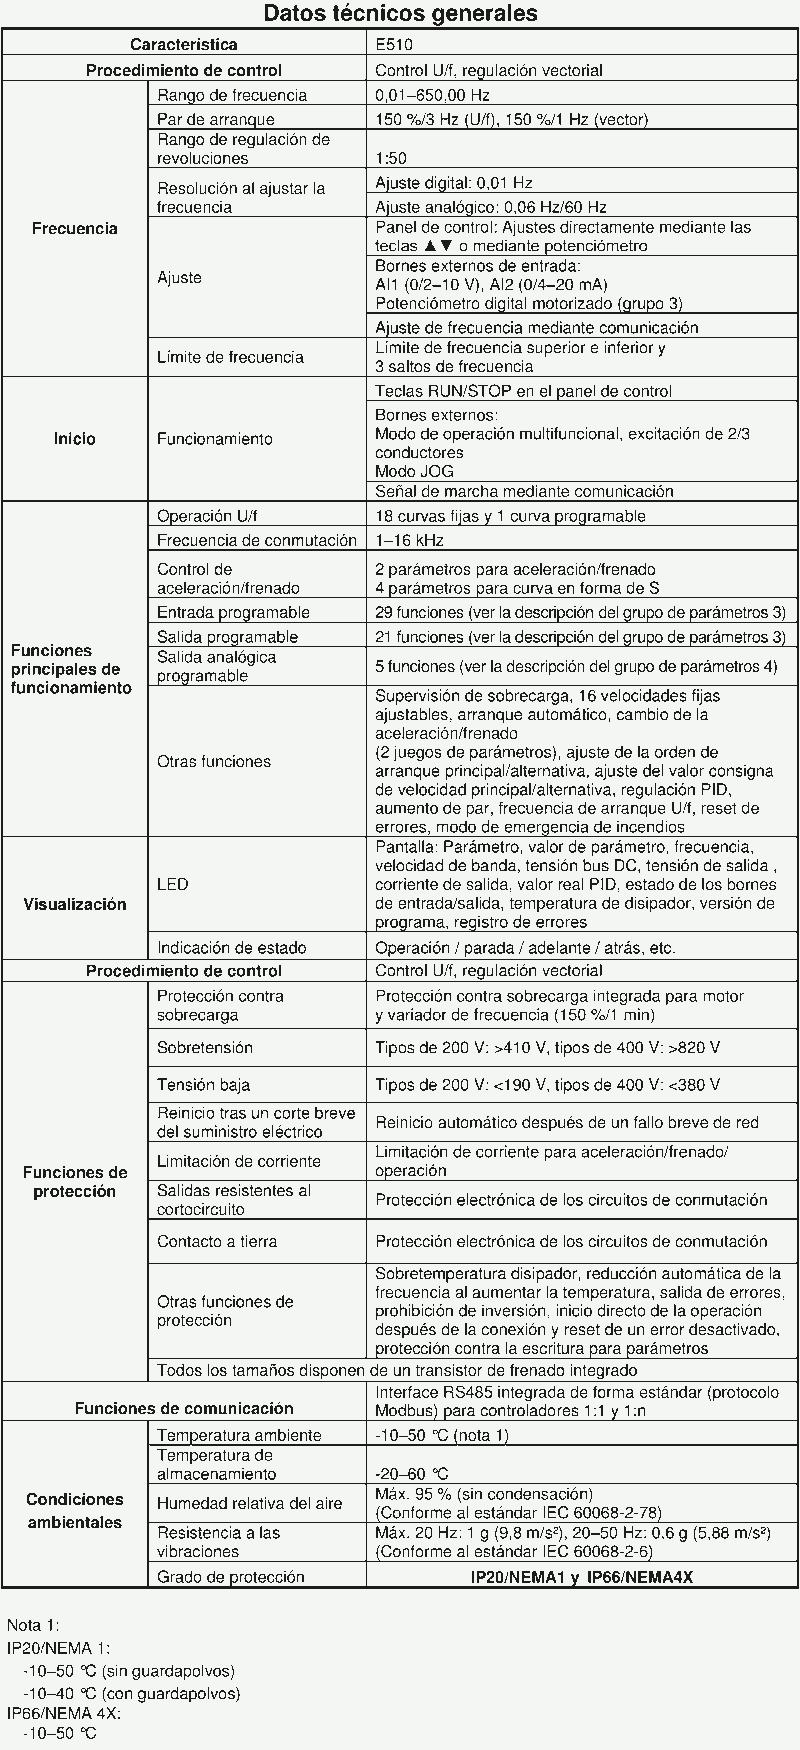 Caracteristicas tecnicas E510.1